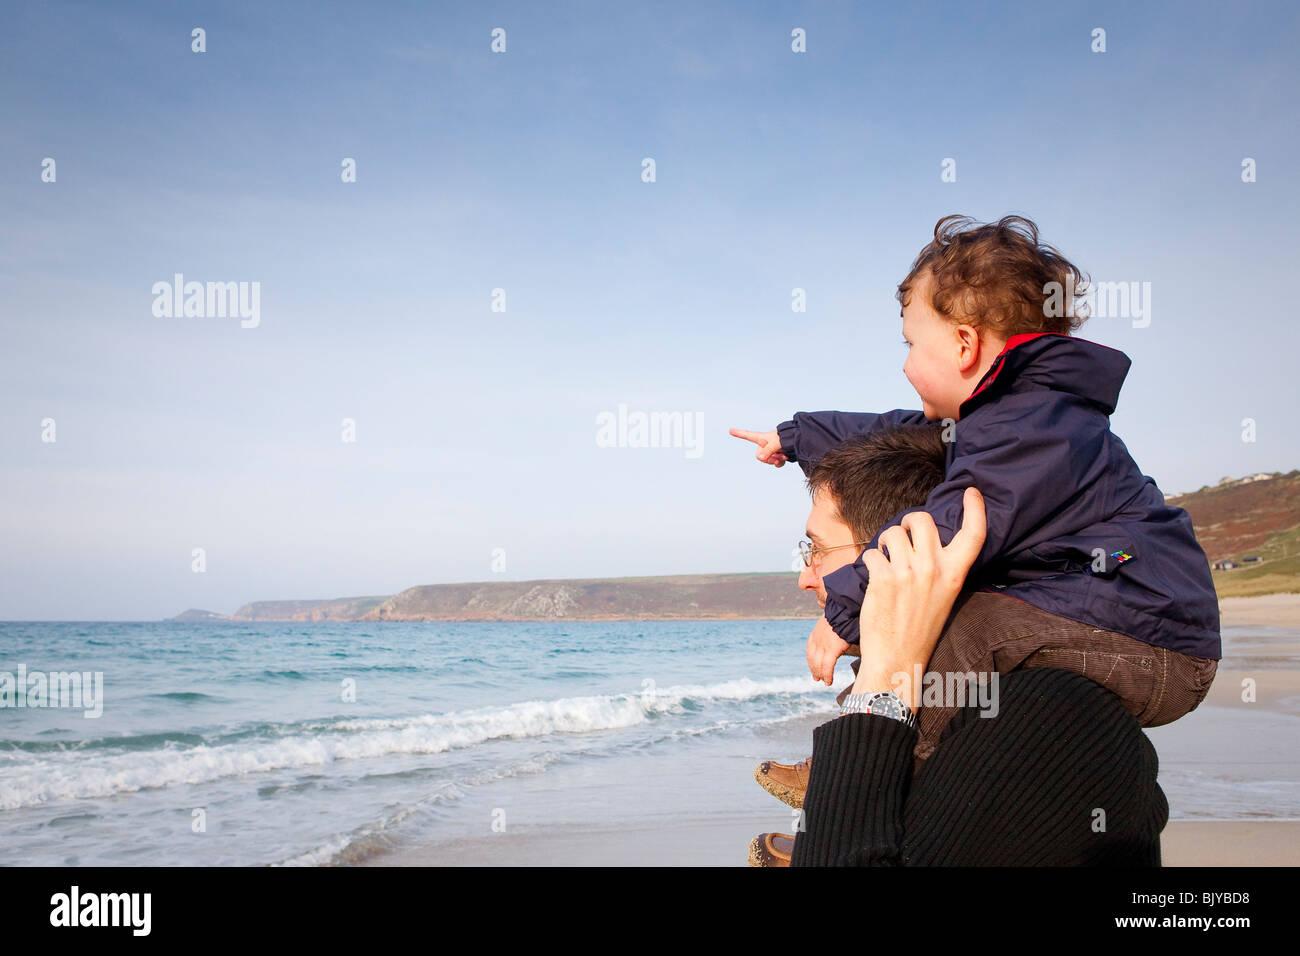 L'uomo con il bambino sulle spalle per guardare fuori. Bambino rivolto verso l. Immagini Stock